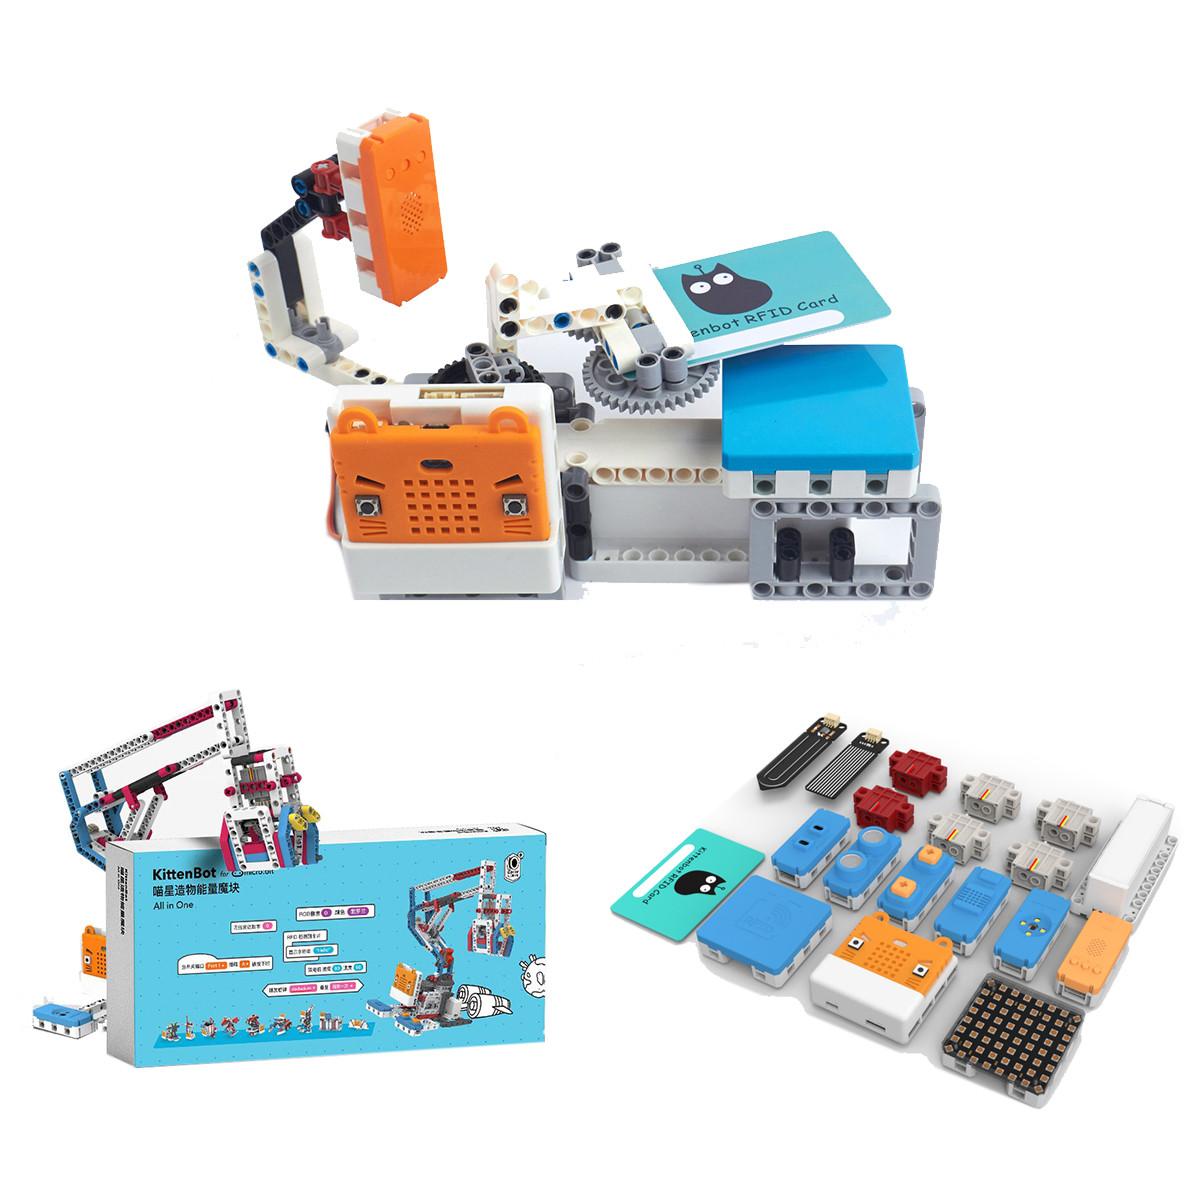 НаборробототехникиKittenBot®PowerBrick10-в-1для детей и начинающих на основе Scratch 3.0 Micro: bit Robot - 1TopShop